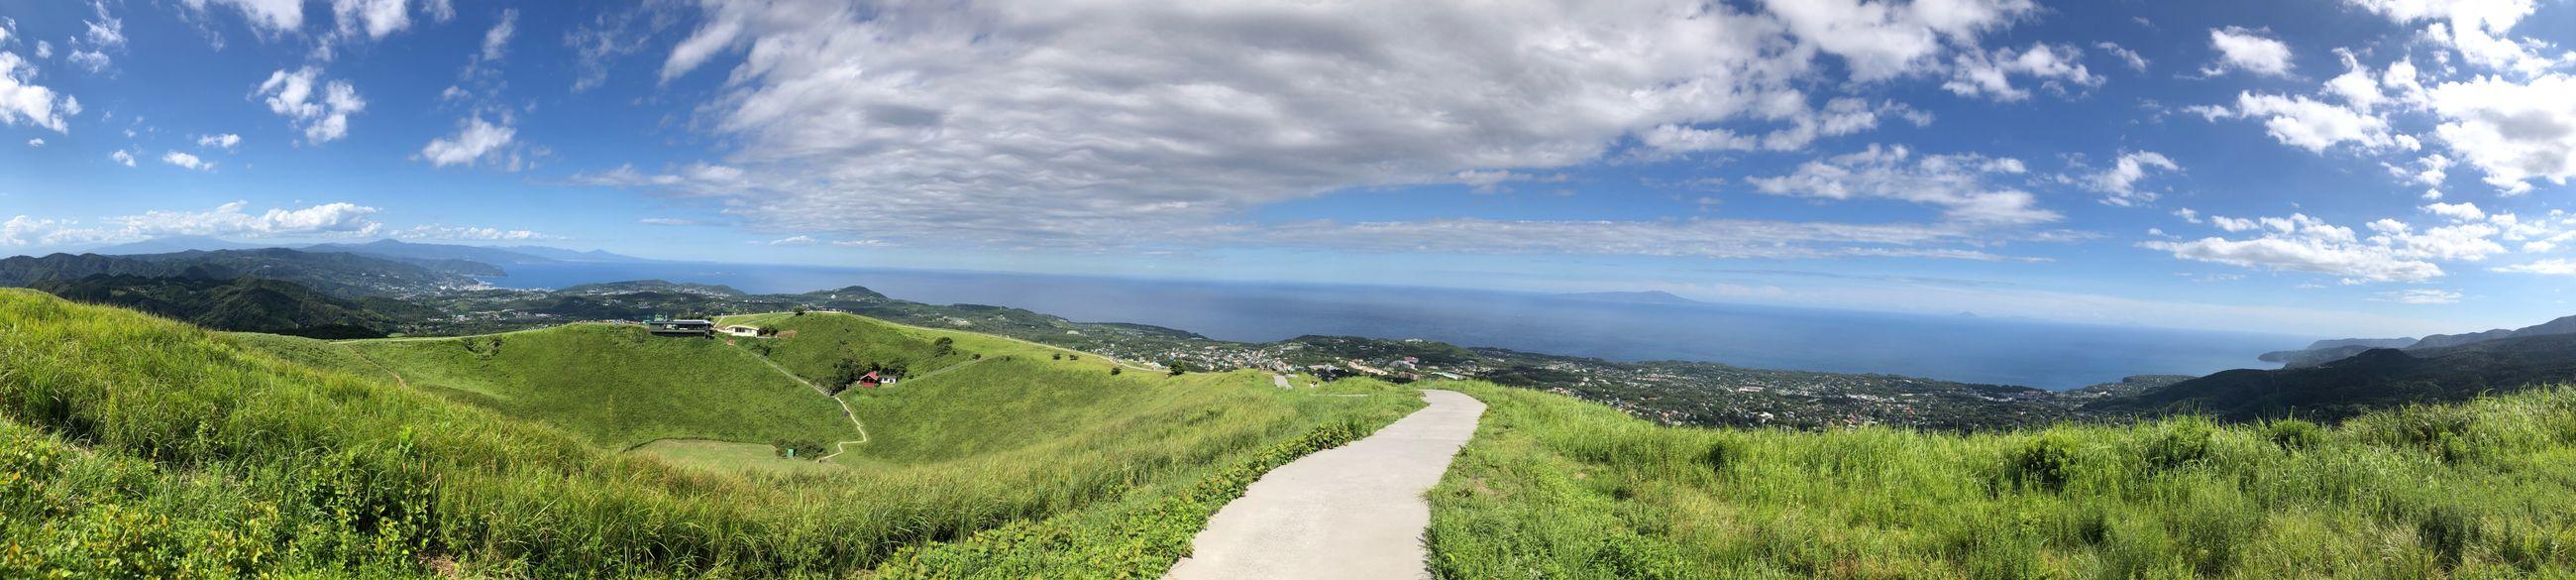 大室山の素敵な景色\(^o^)/ Panorama Mt.omuro 大室山 Outdoors Cloud - Sky Beauty In Nature Field Mountain Nature